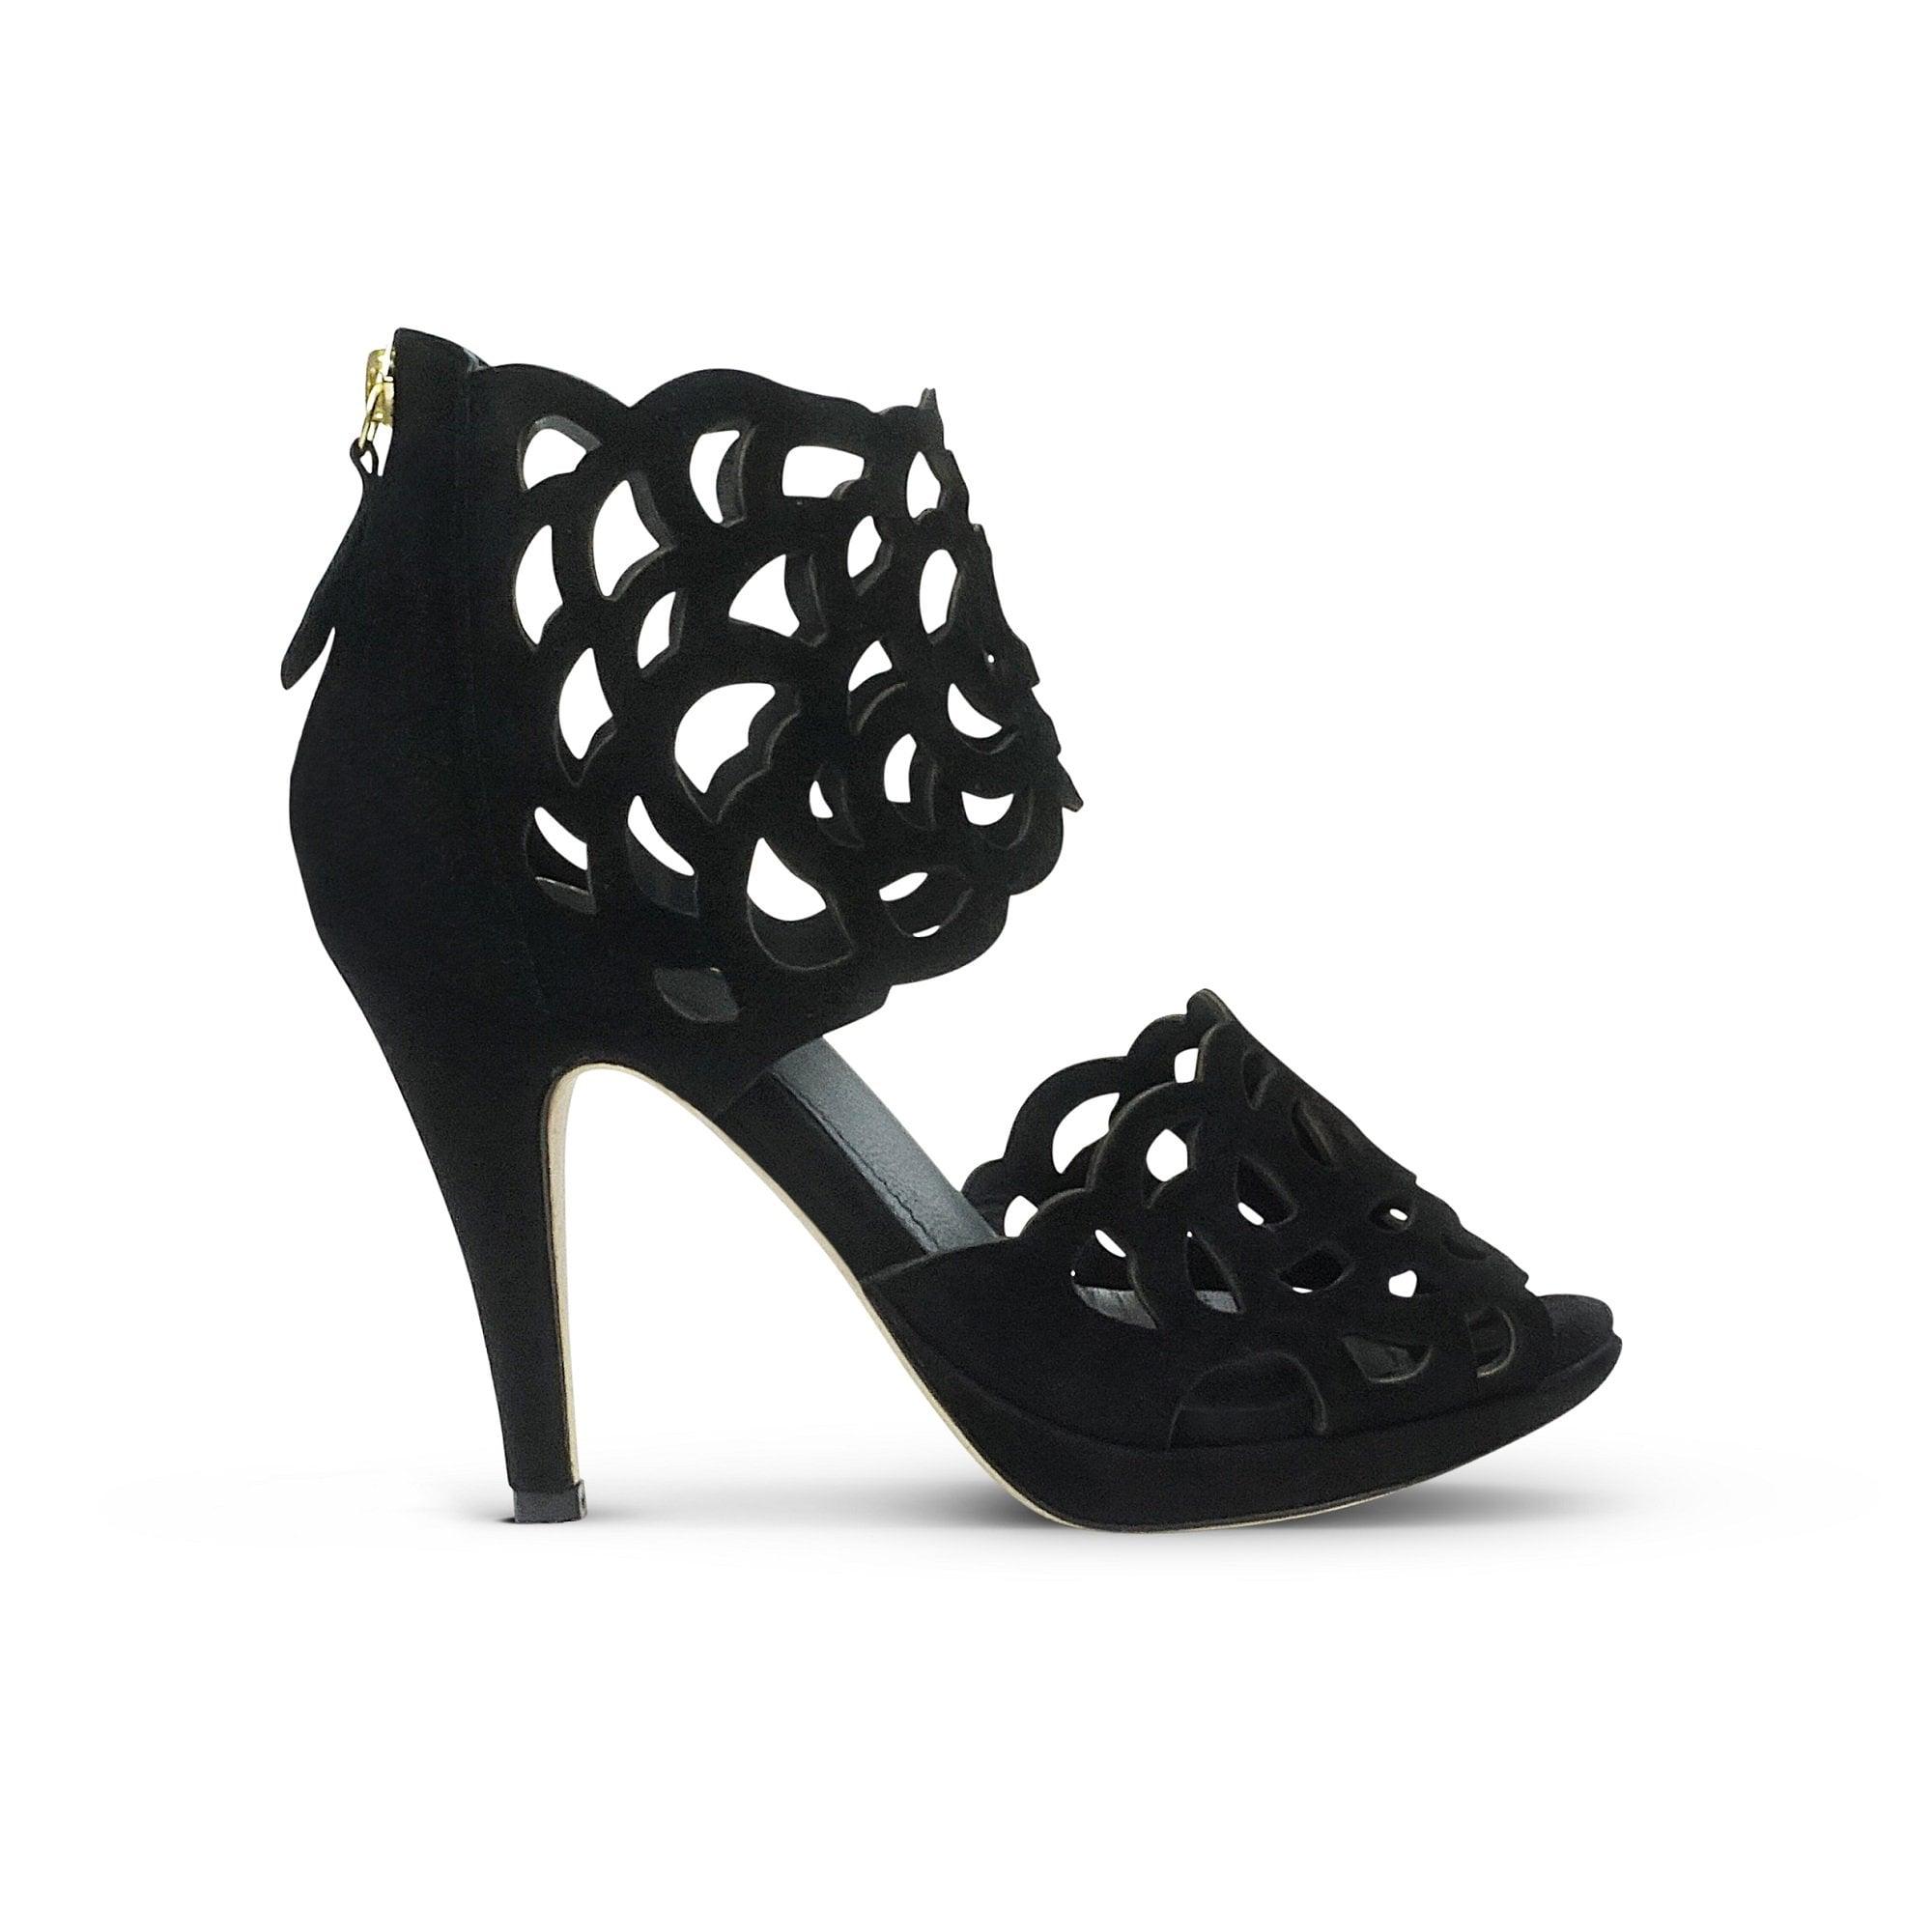 7cbae4b96e3f Buy Sargossa Inspire Suede Stiletto In Black | Collen & Clare